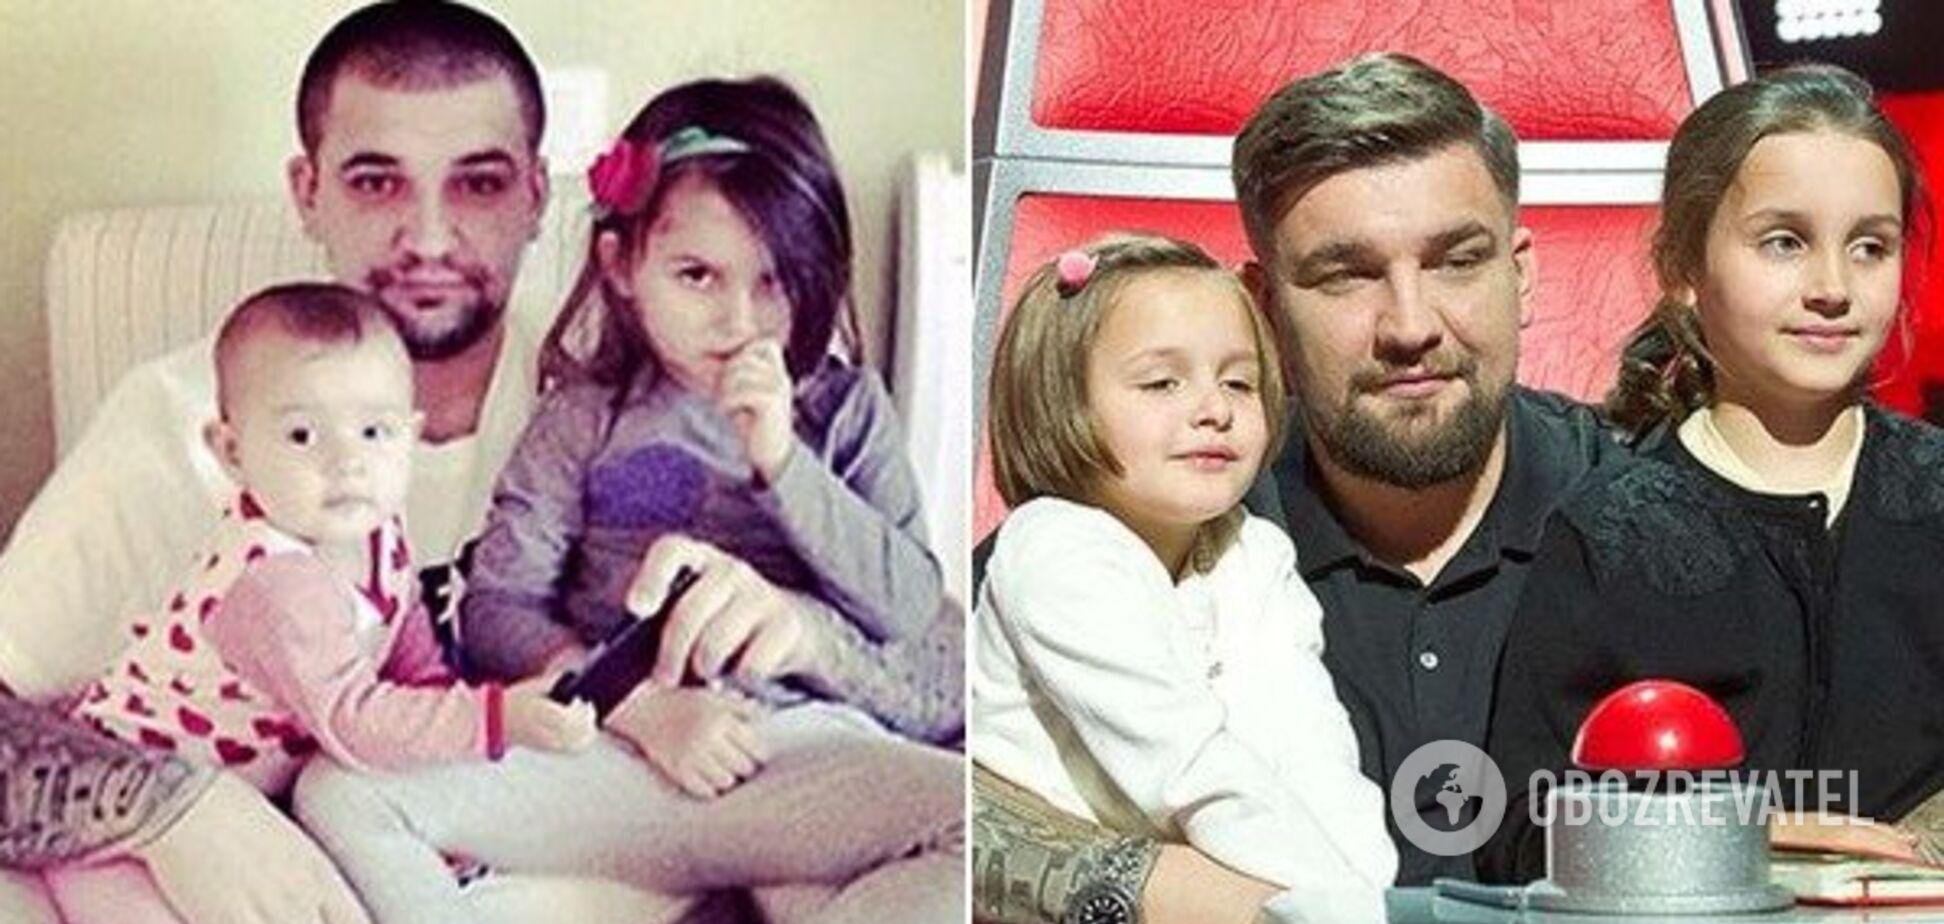 Дочери Басты и сын Собчак: как выглядят повзрослевшие дети российских звезд